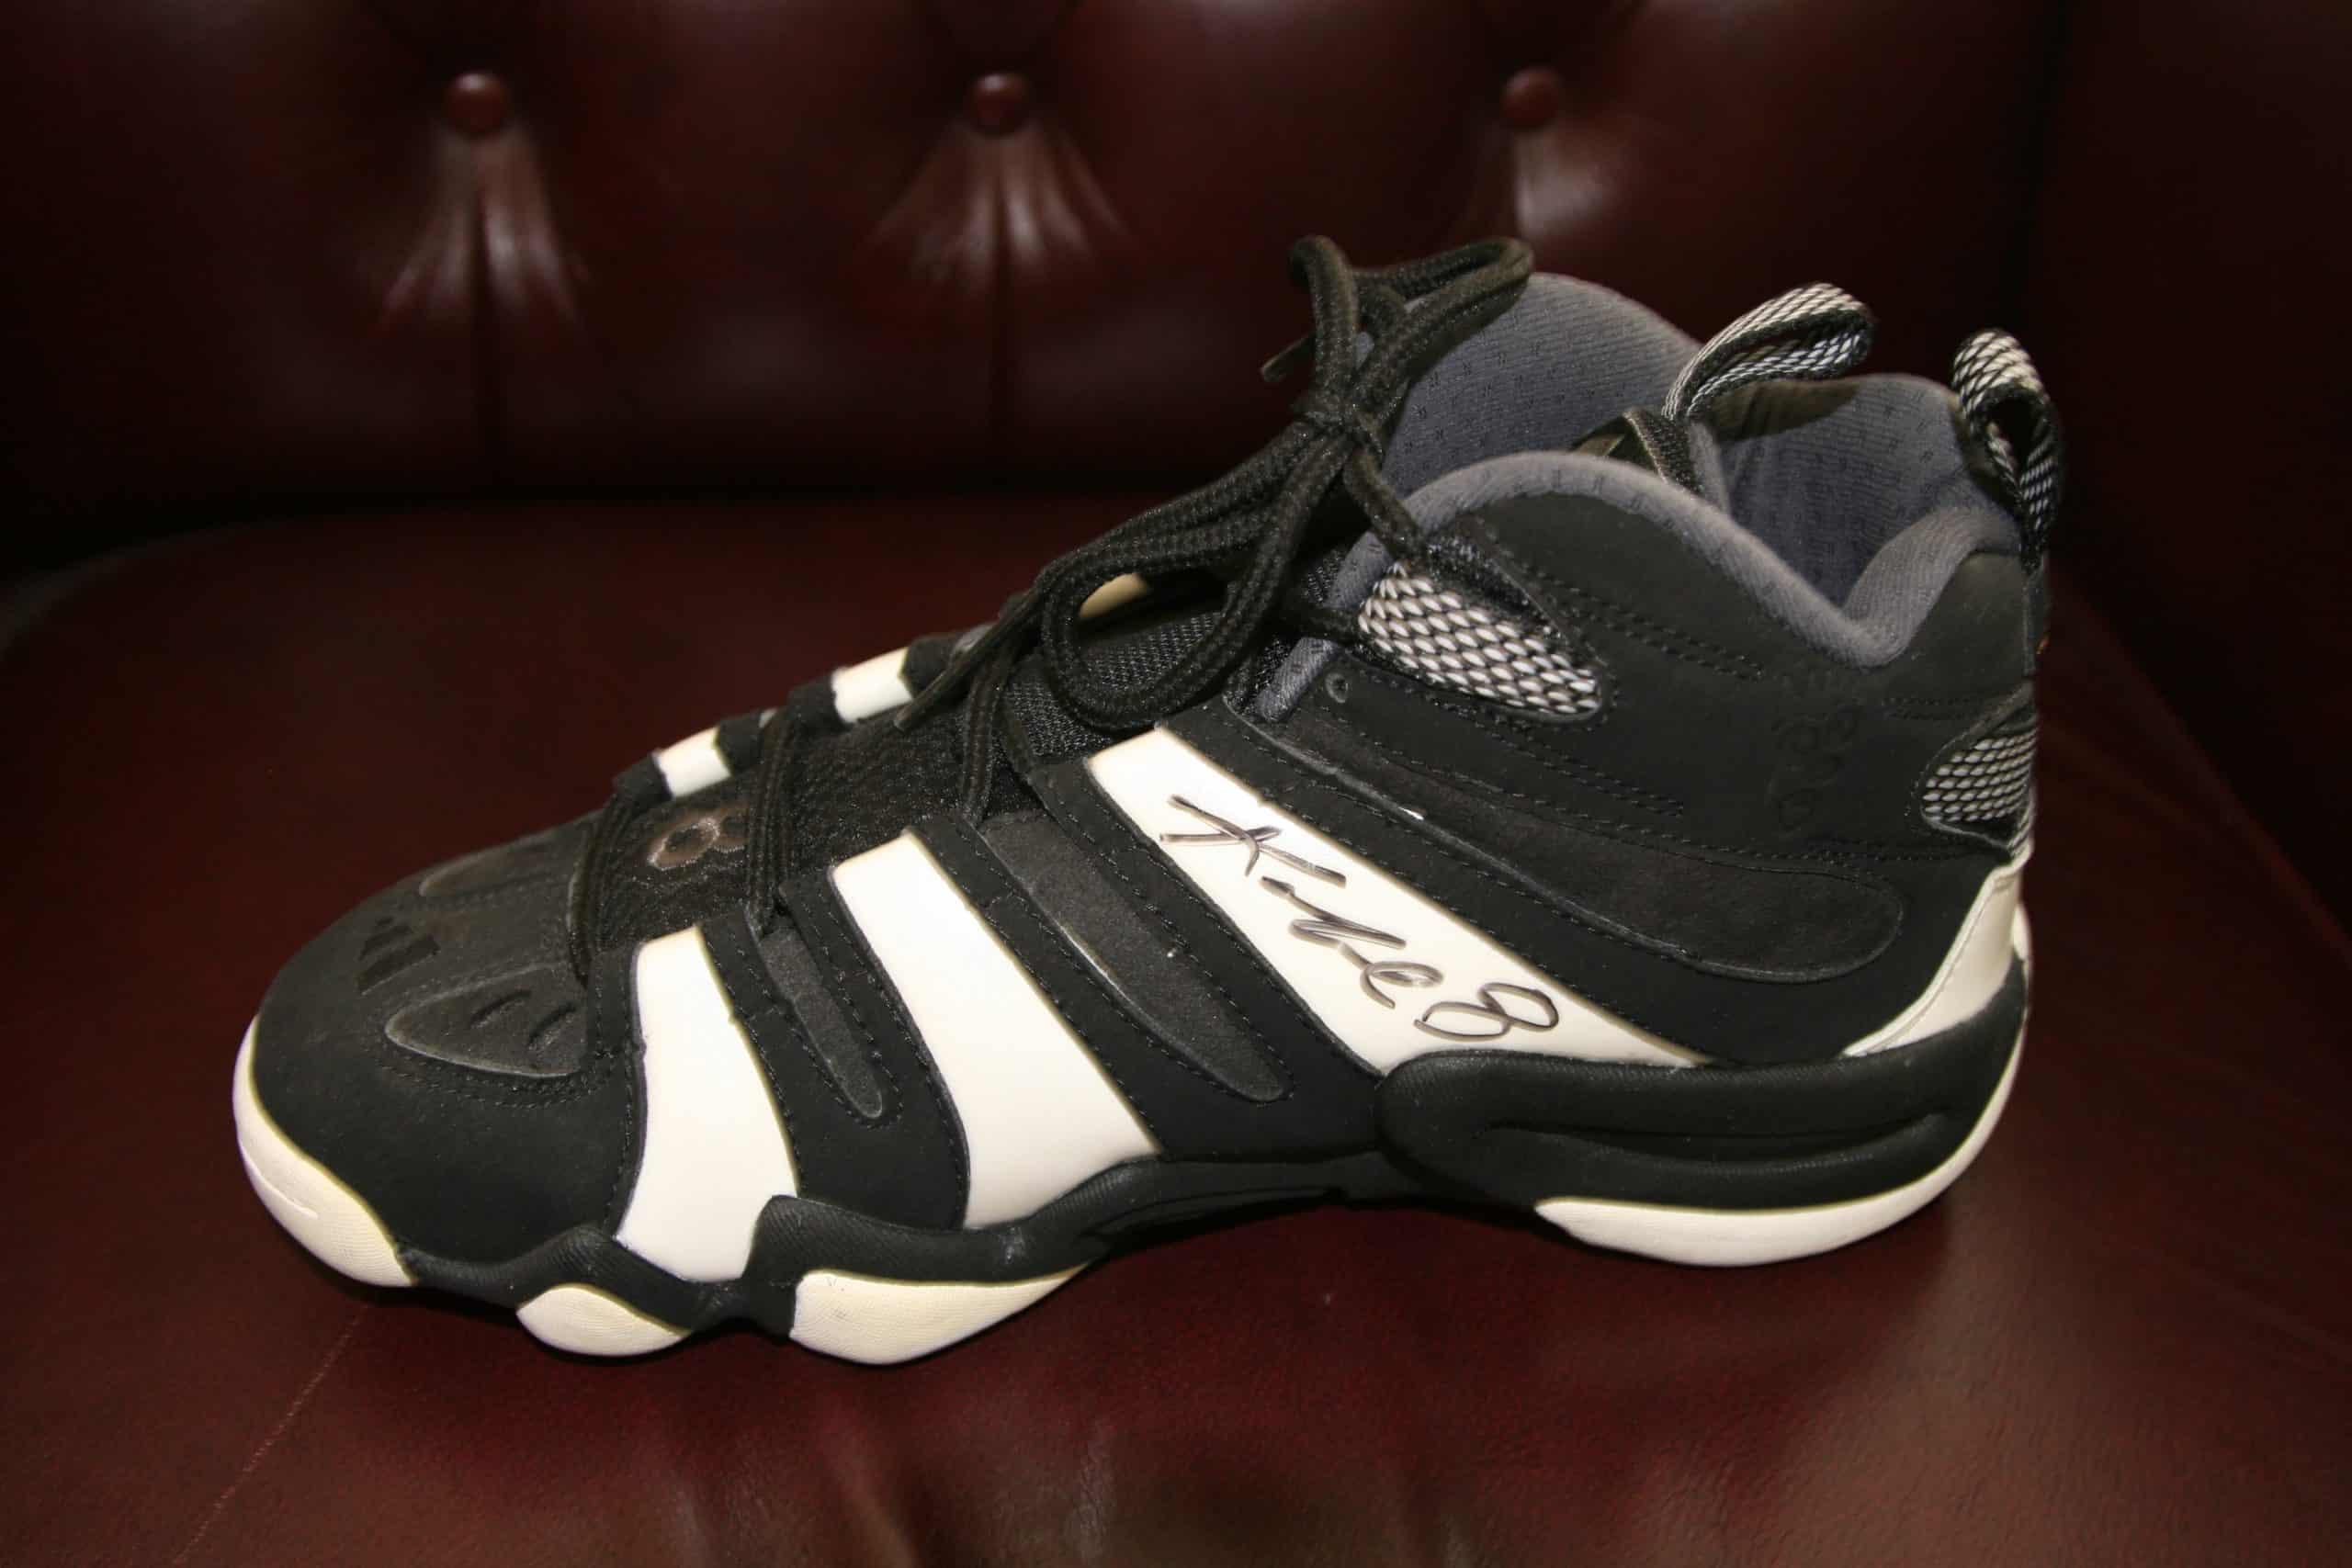 f85736fe4efb KOBE BRYANT Autographed Shoe